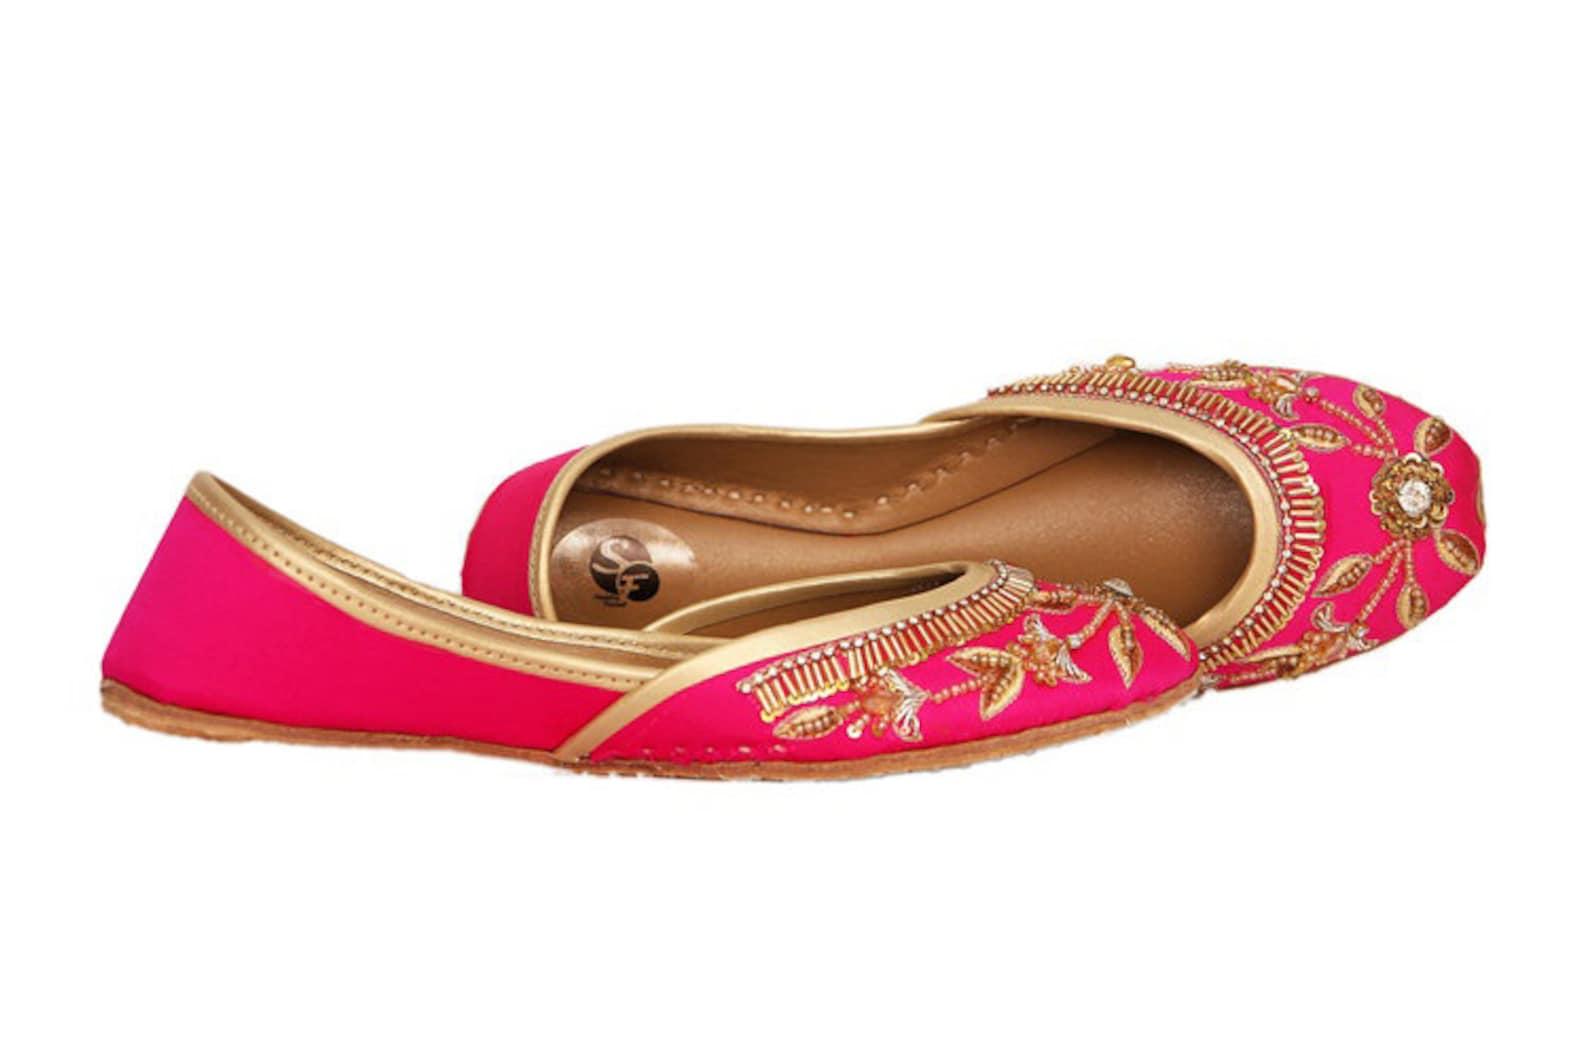 formal pink embellished ballet flat shoes pink jutis pink mojari pink khussa